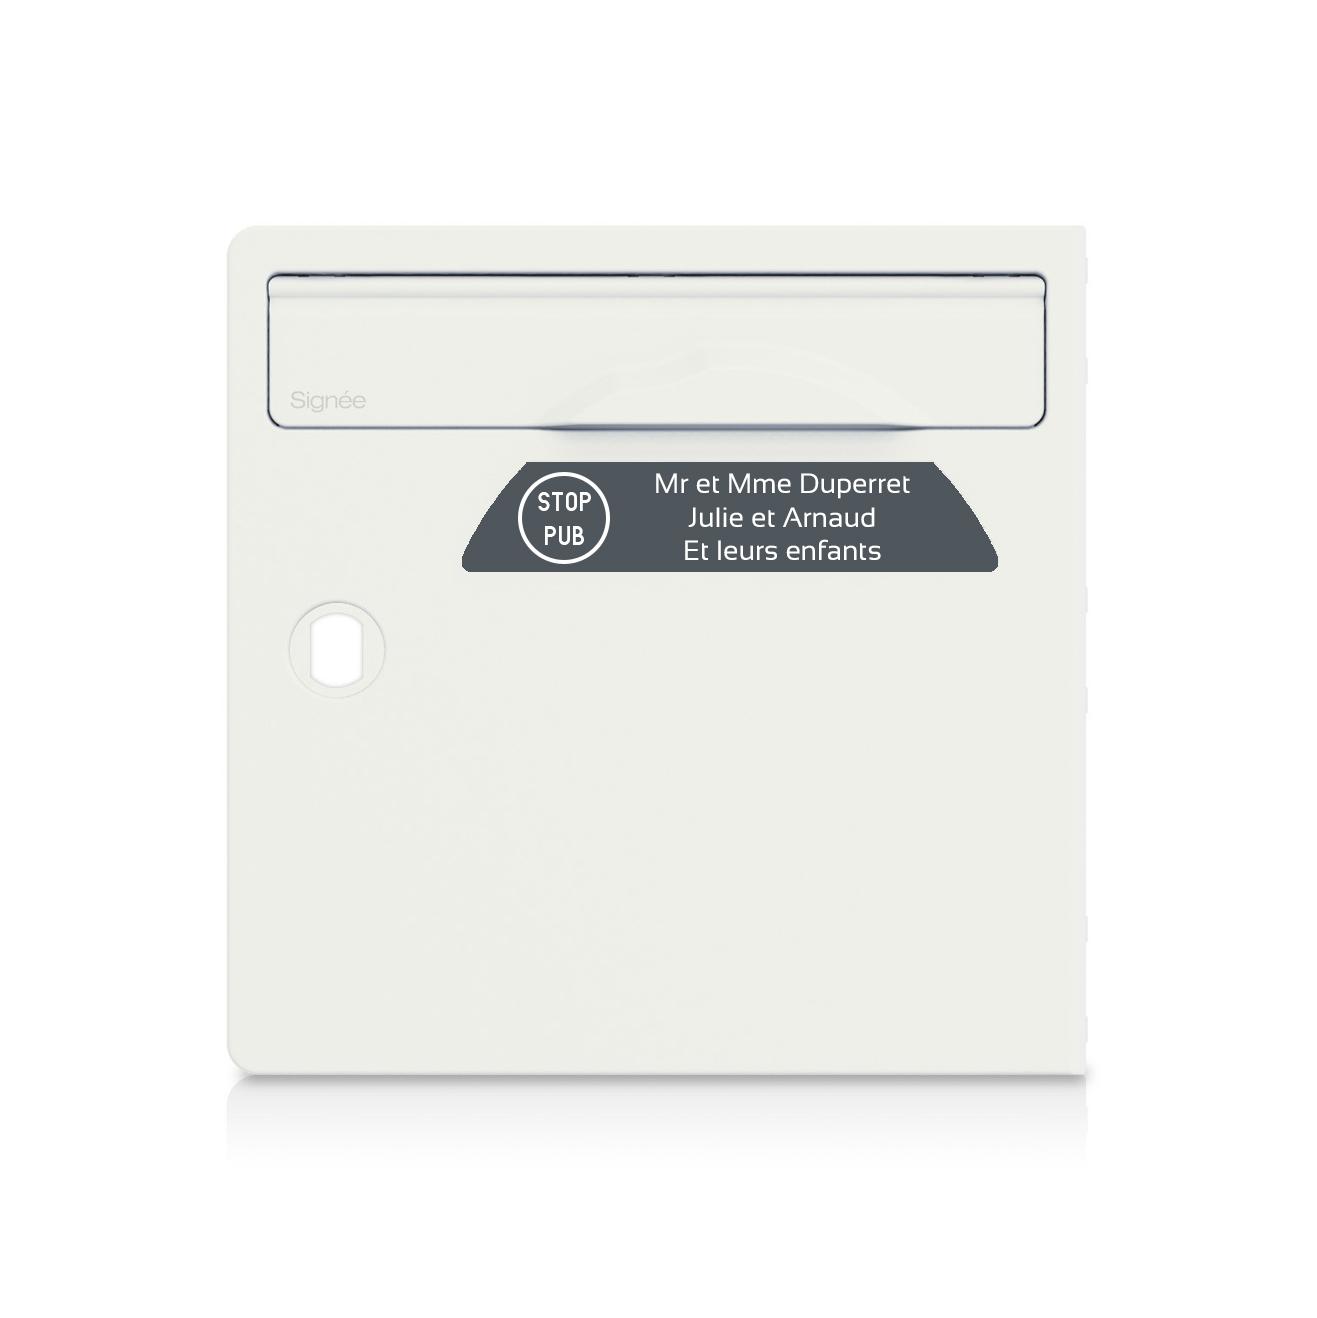 Plaque boite aux lettres Signée STOP PUB grise lettres blanches - 3 lignes